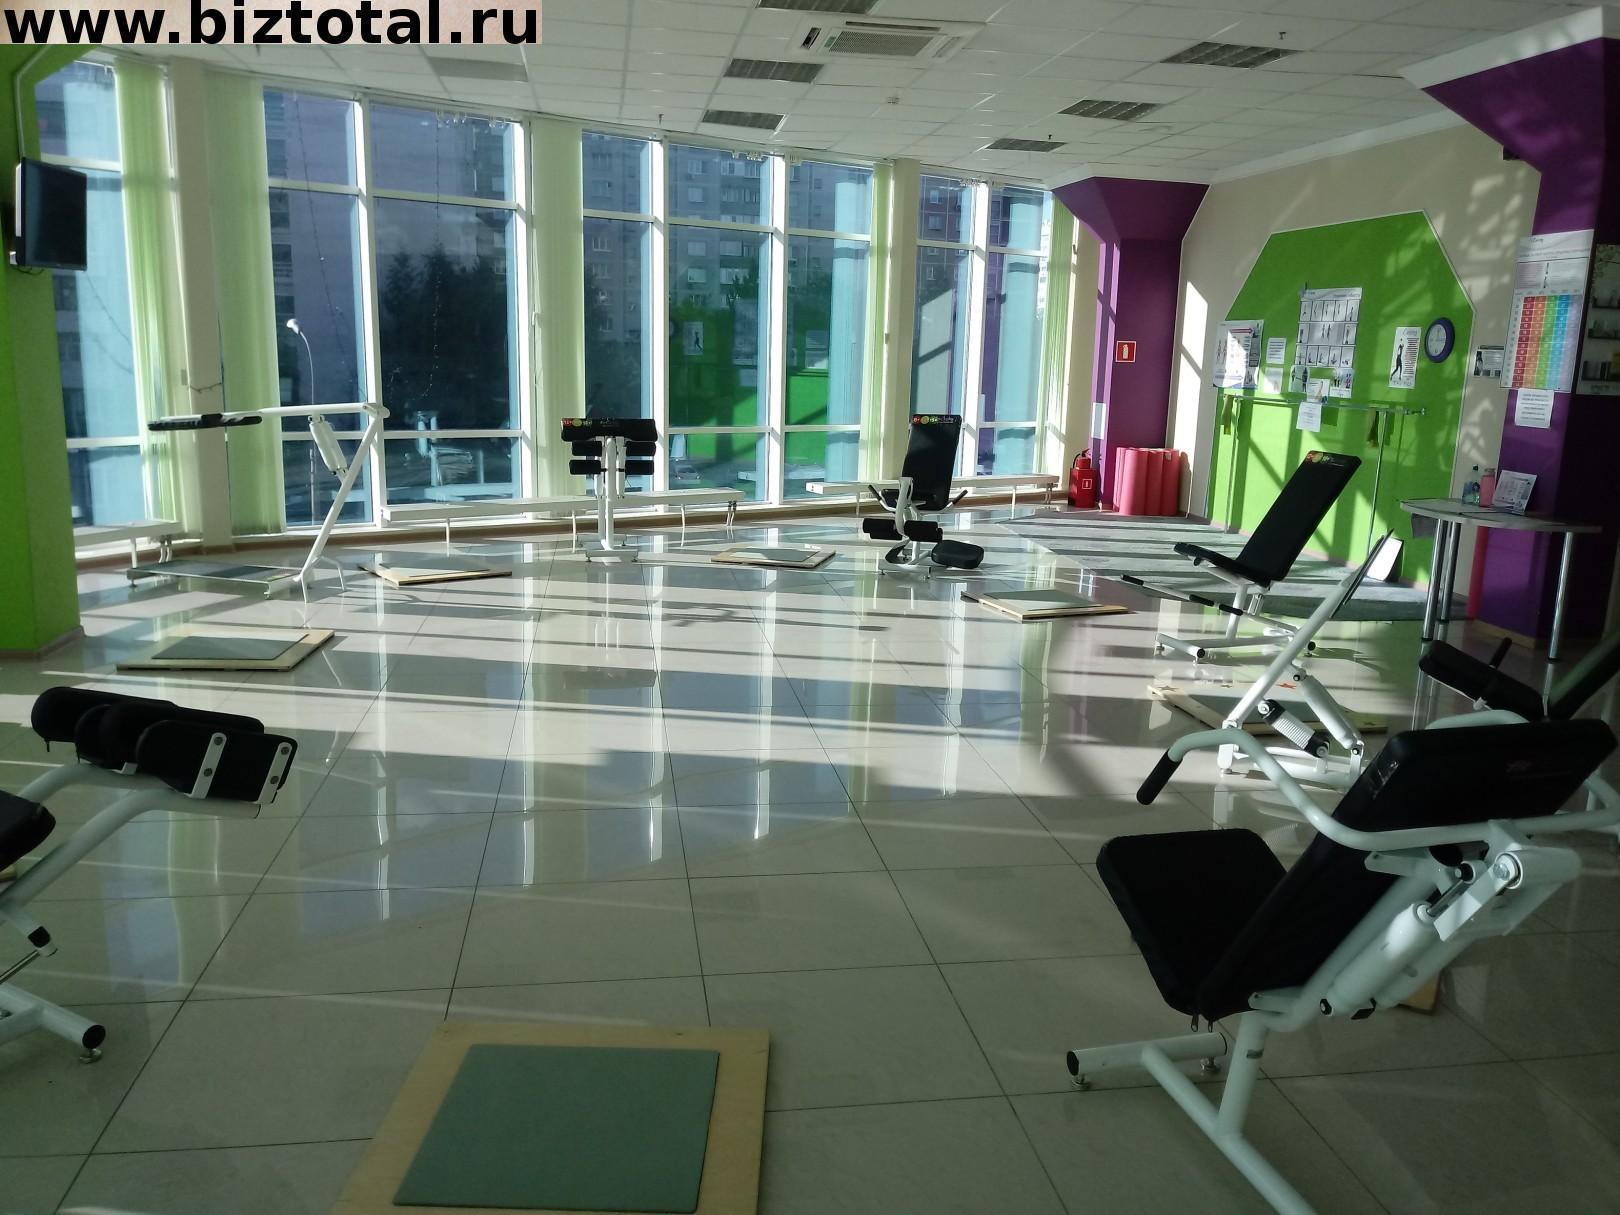 Действующий фитнес клуб для женщин